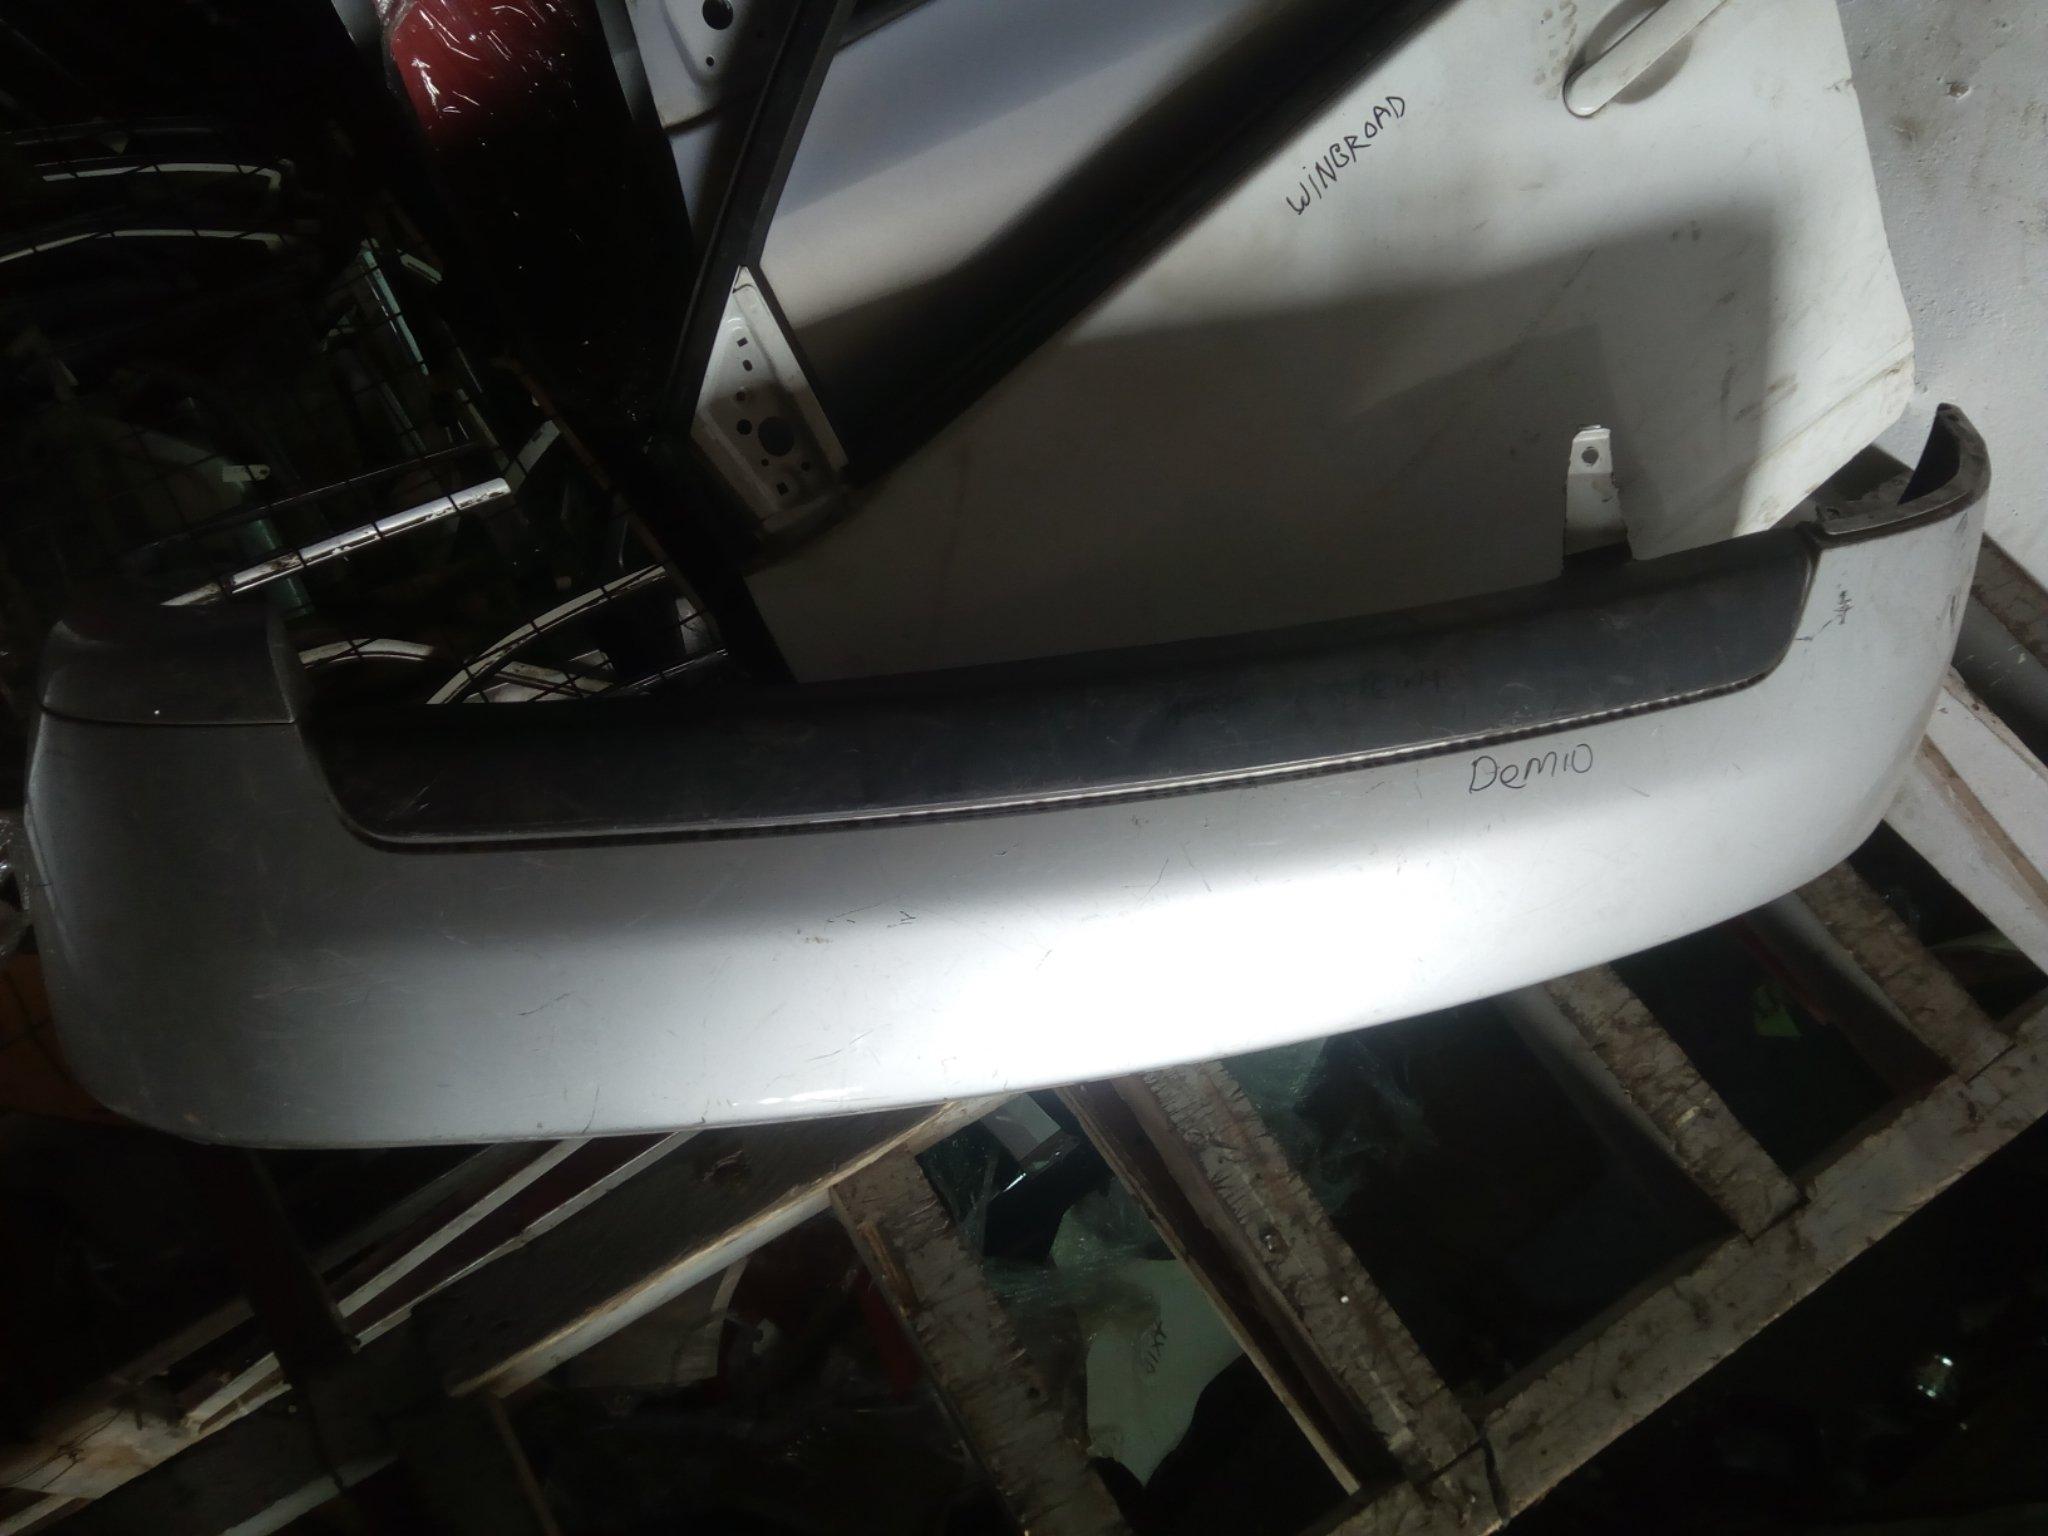 Mazda demio rare bamper 00453